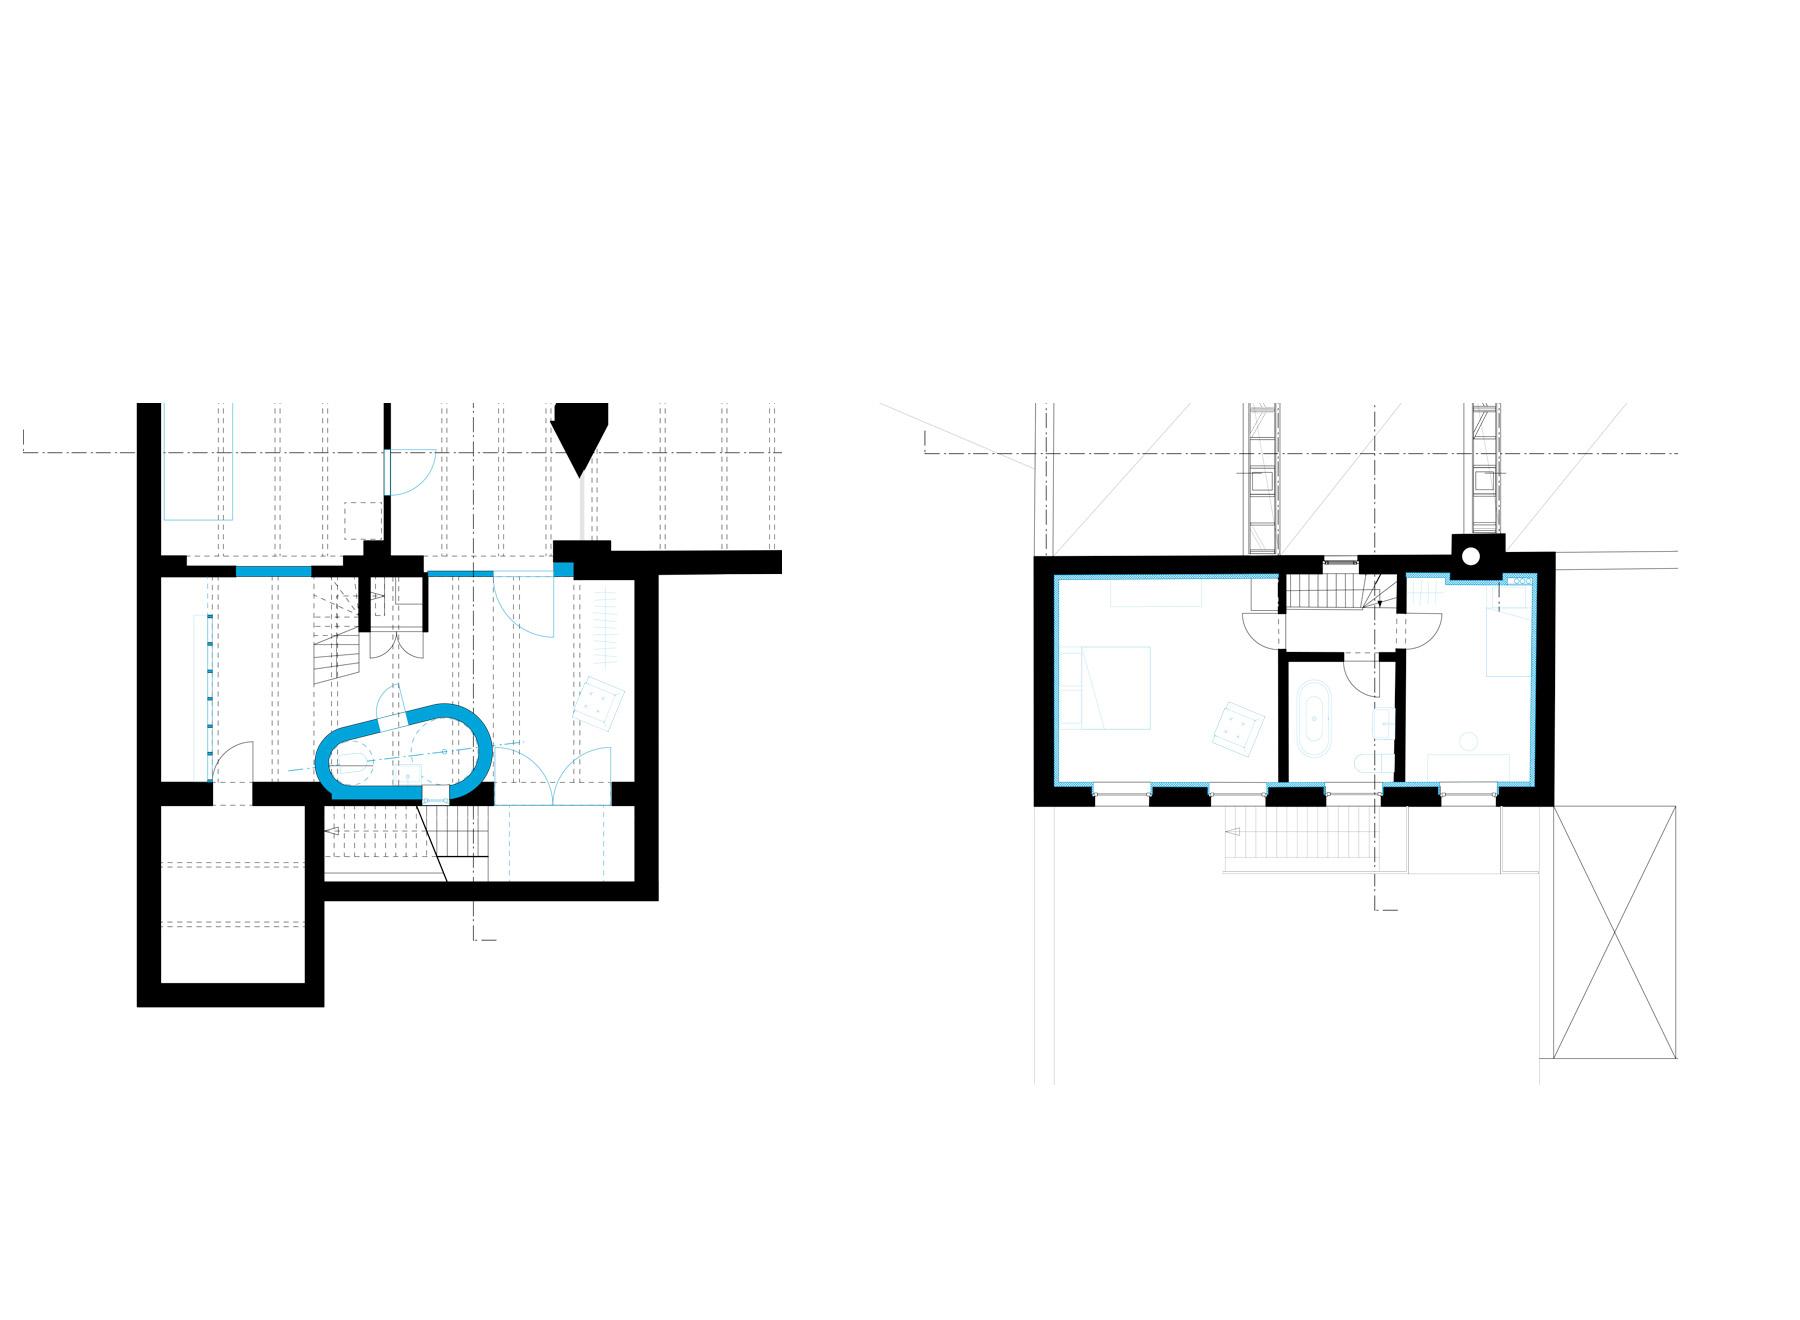 basement and upper floor plan